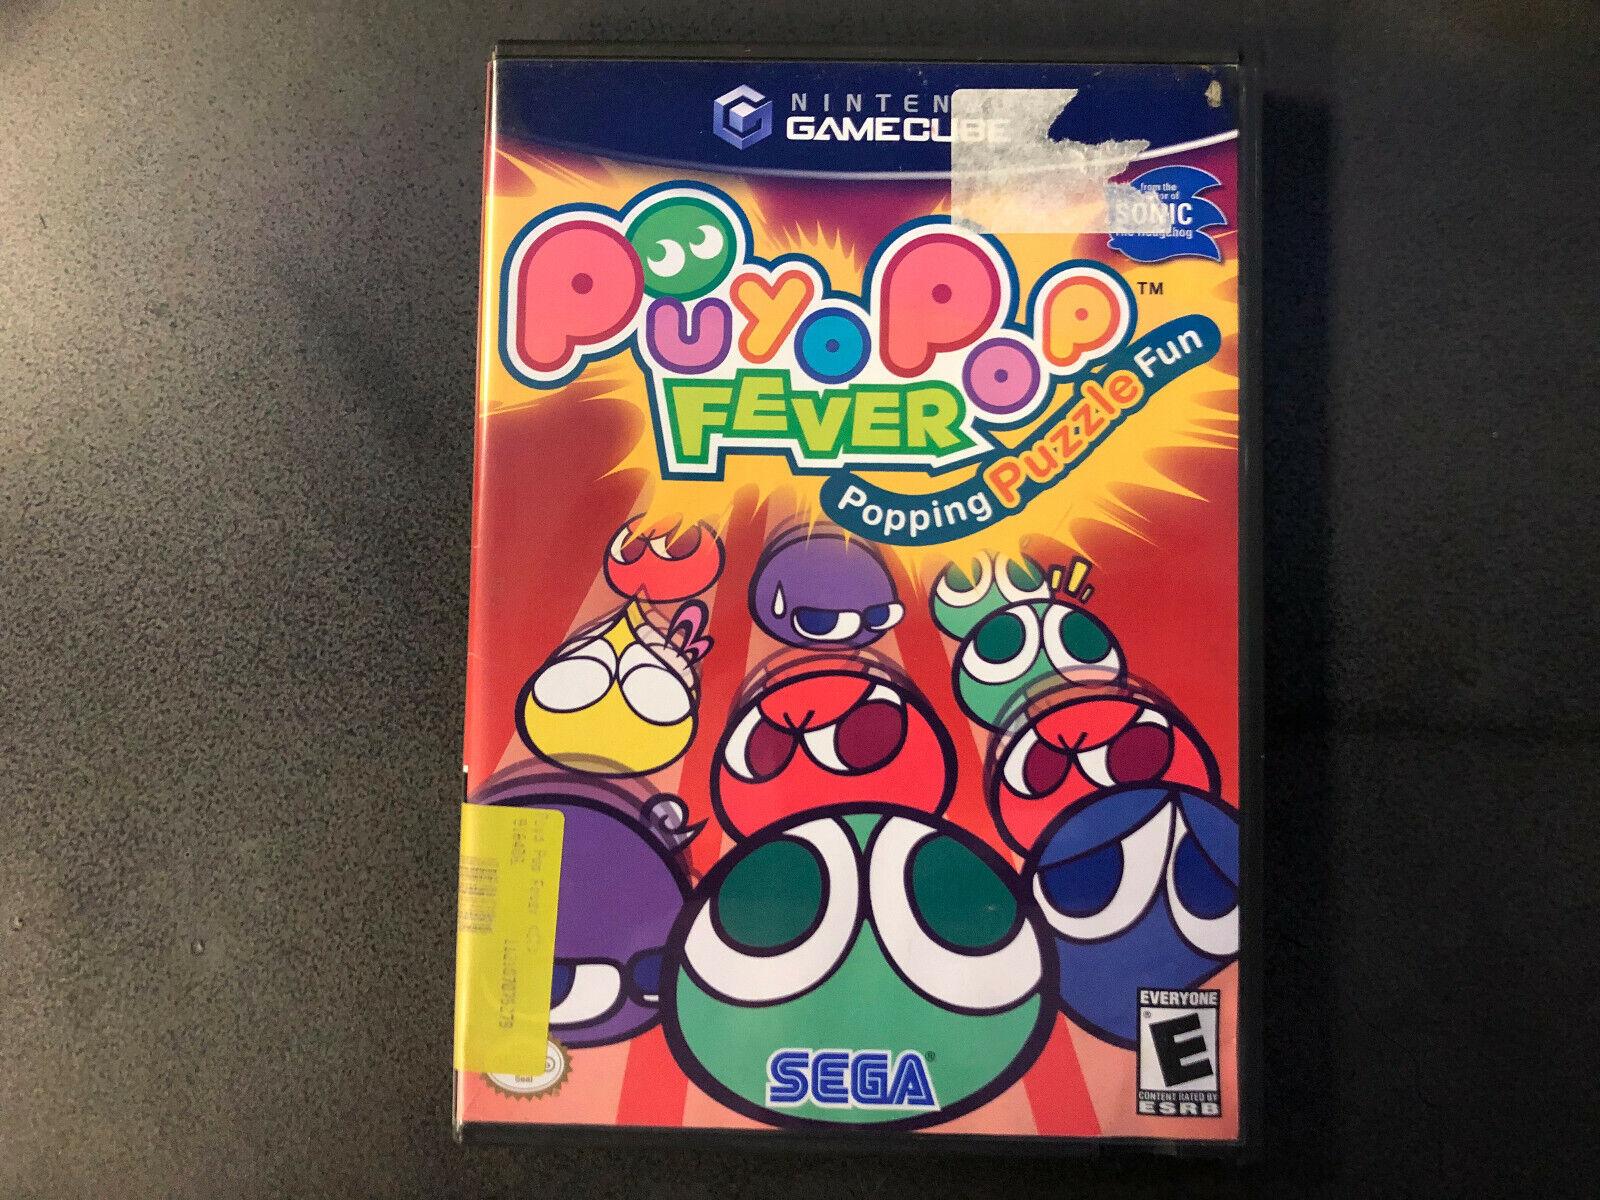 Puyo Pop Fever Nintendo GameCube, 2004 Black Label CIB RARE Tested  - $63.23